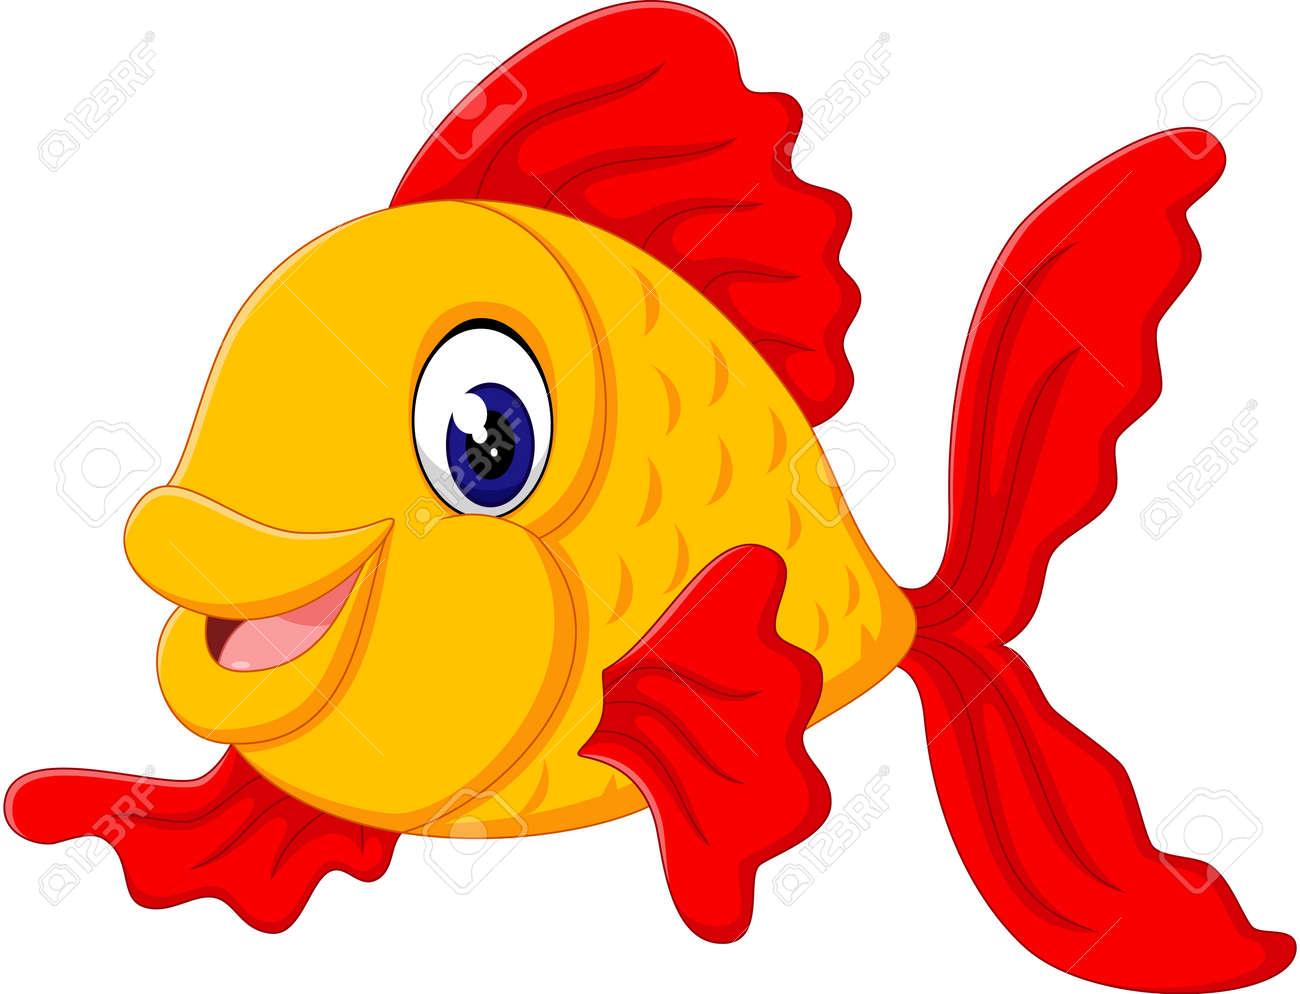 Cute fish cartoon - 50992540